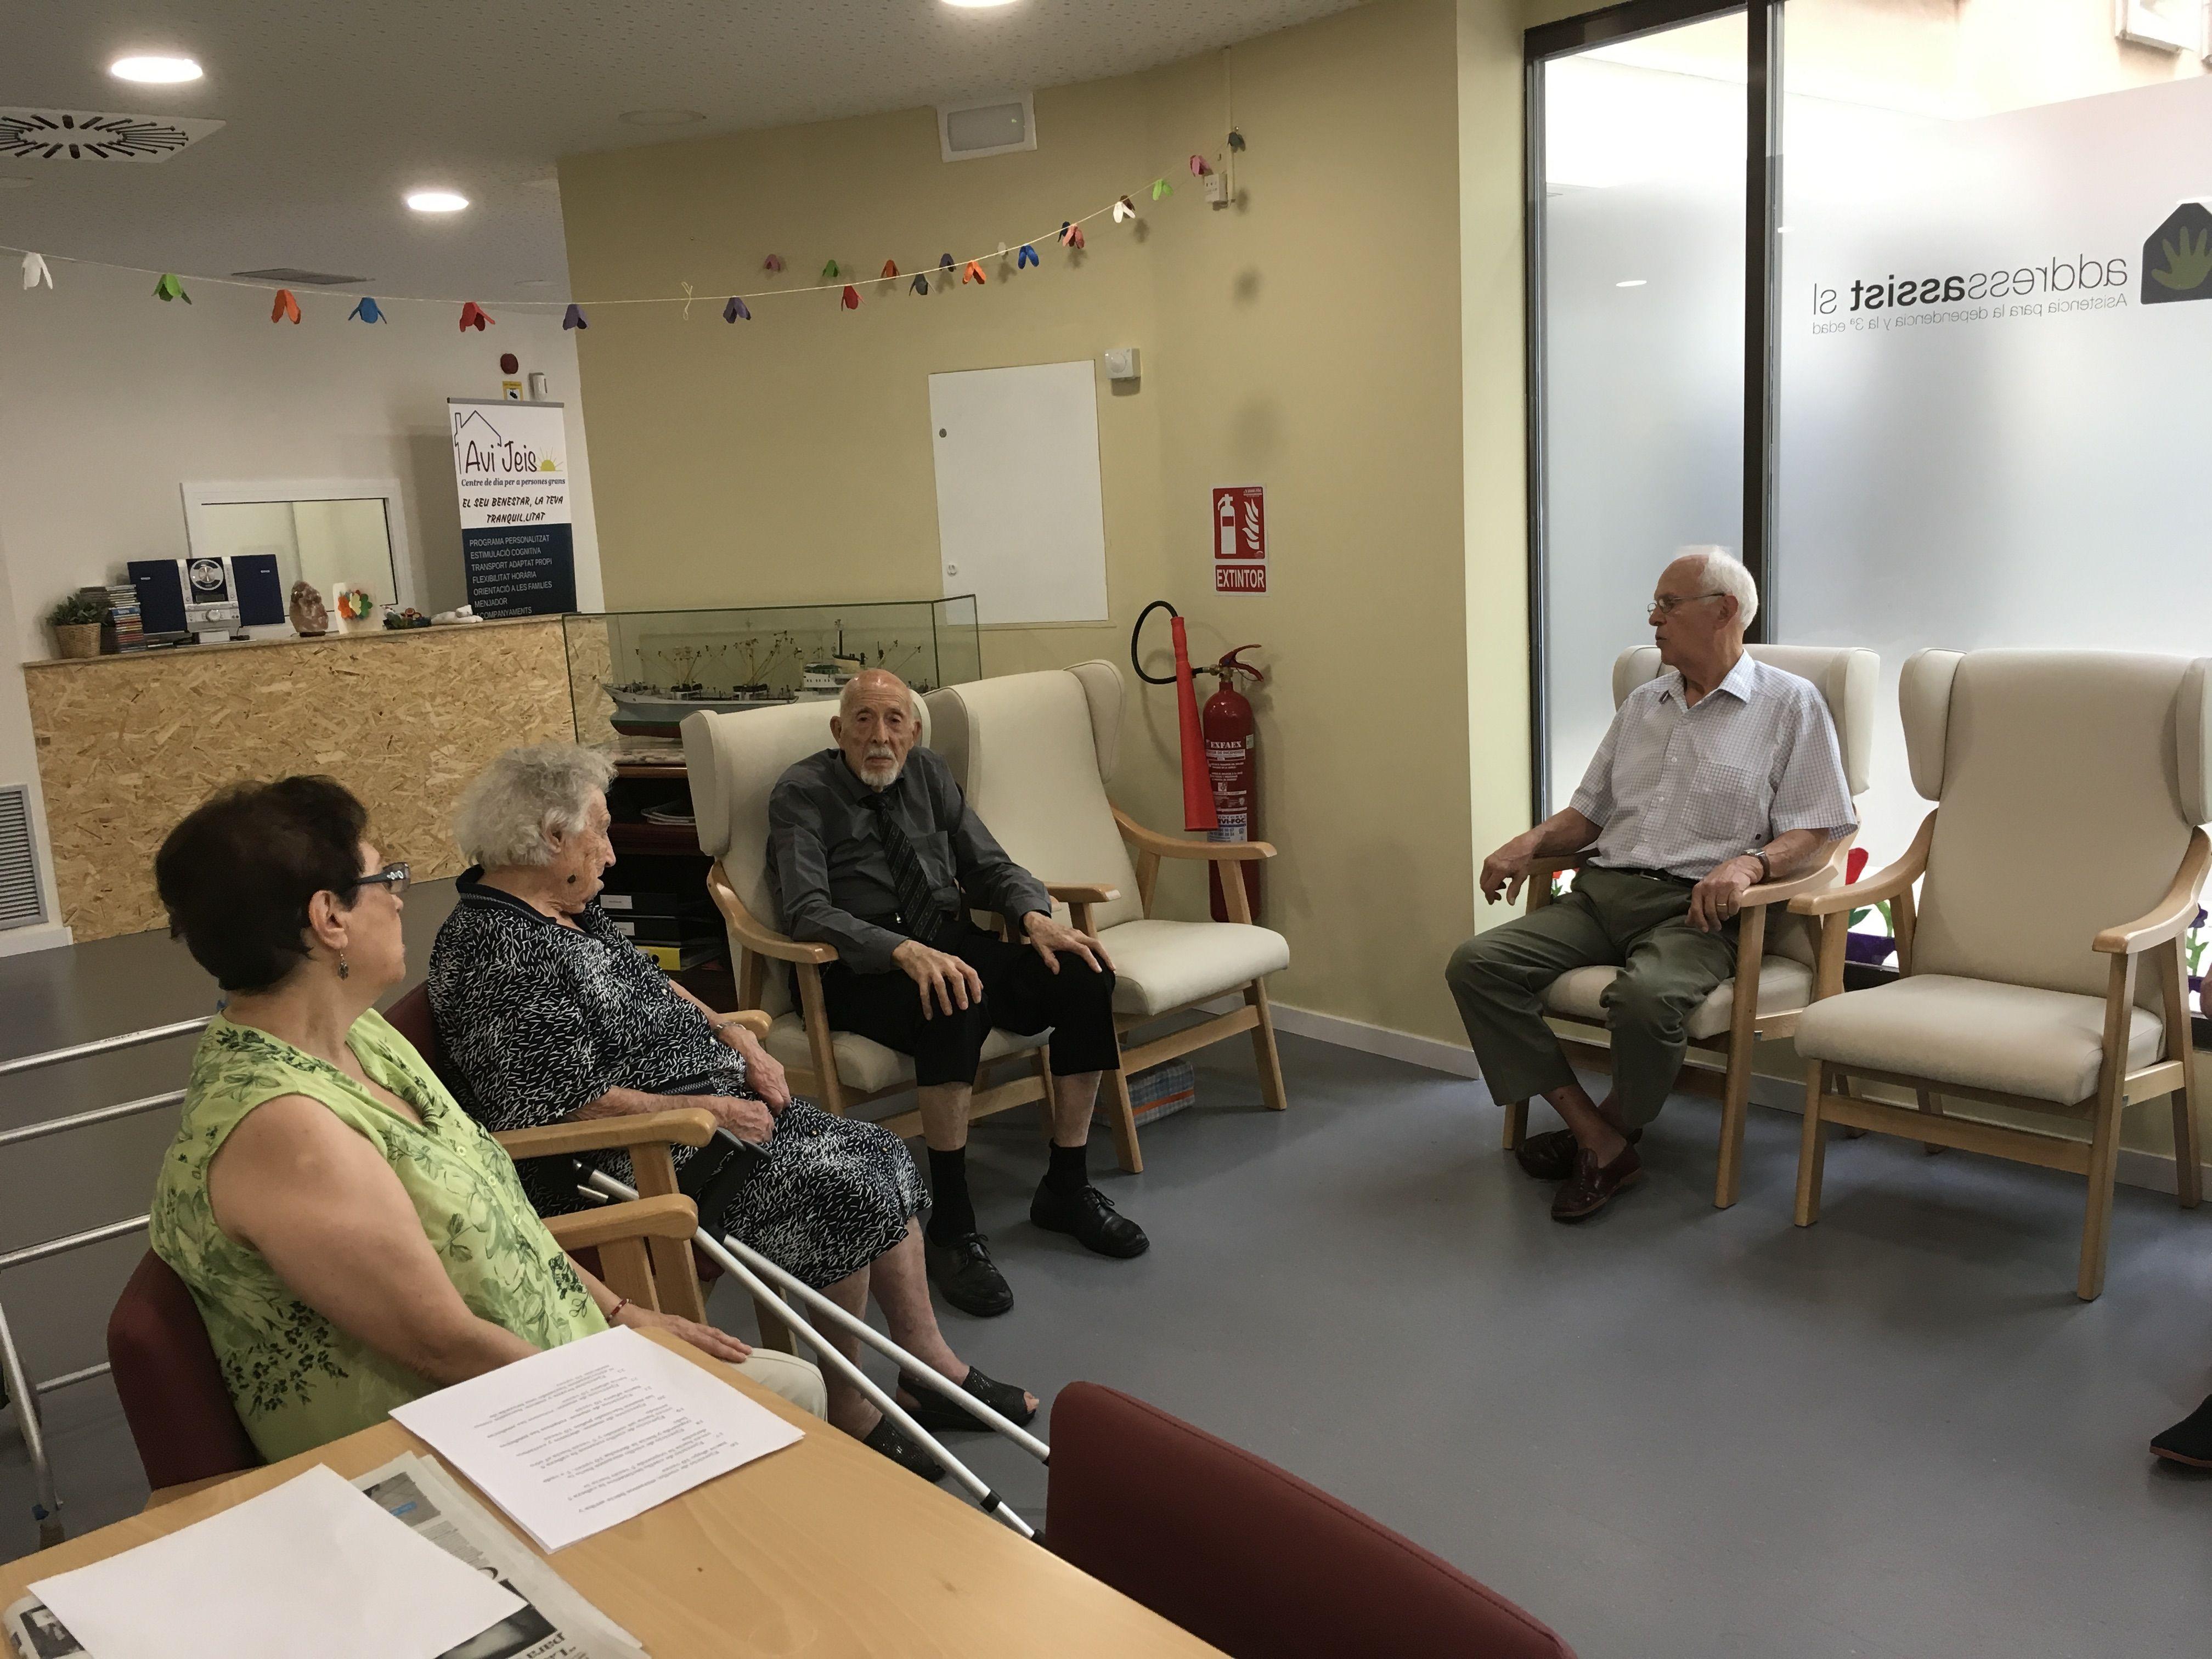 Foto 46 de Centros de día en Barcelona | Avi Jeis Centro de dia para personas mayores